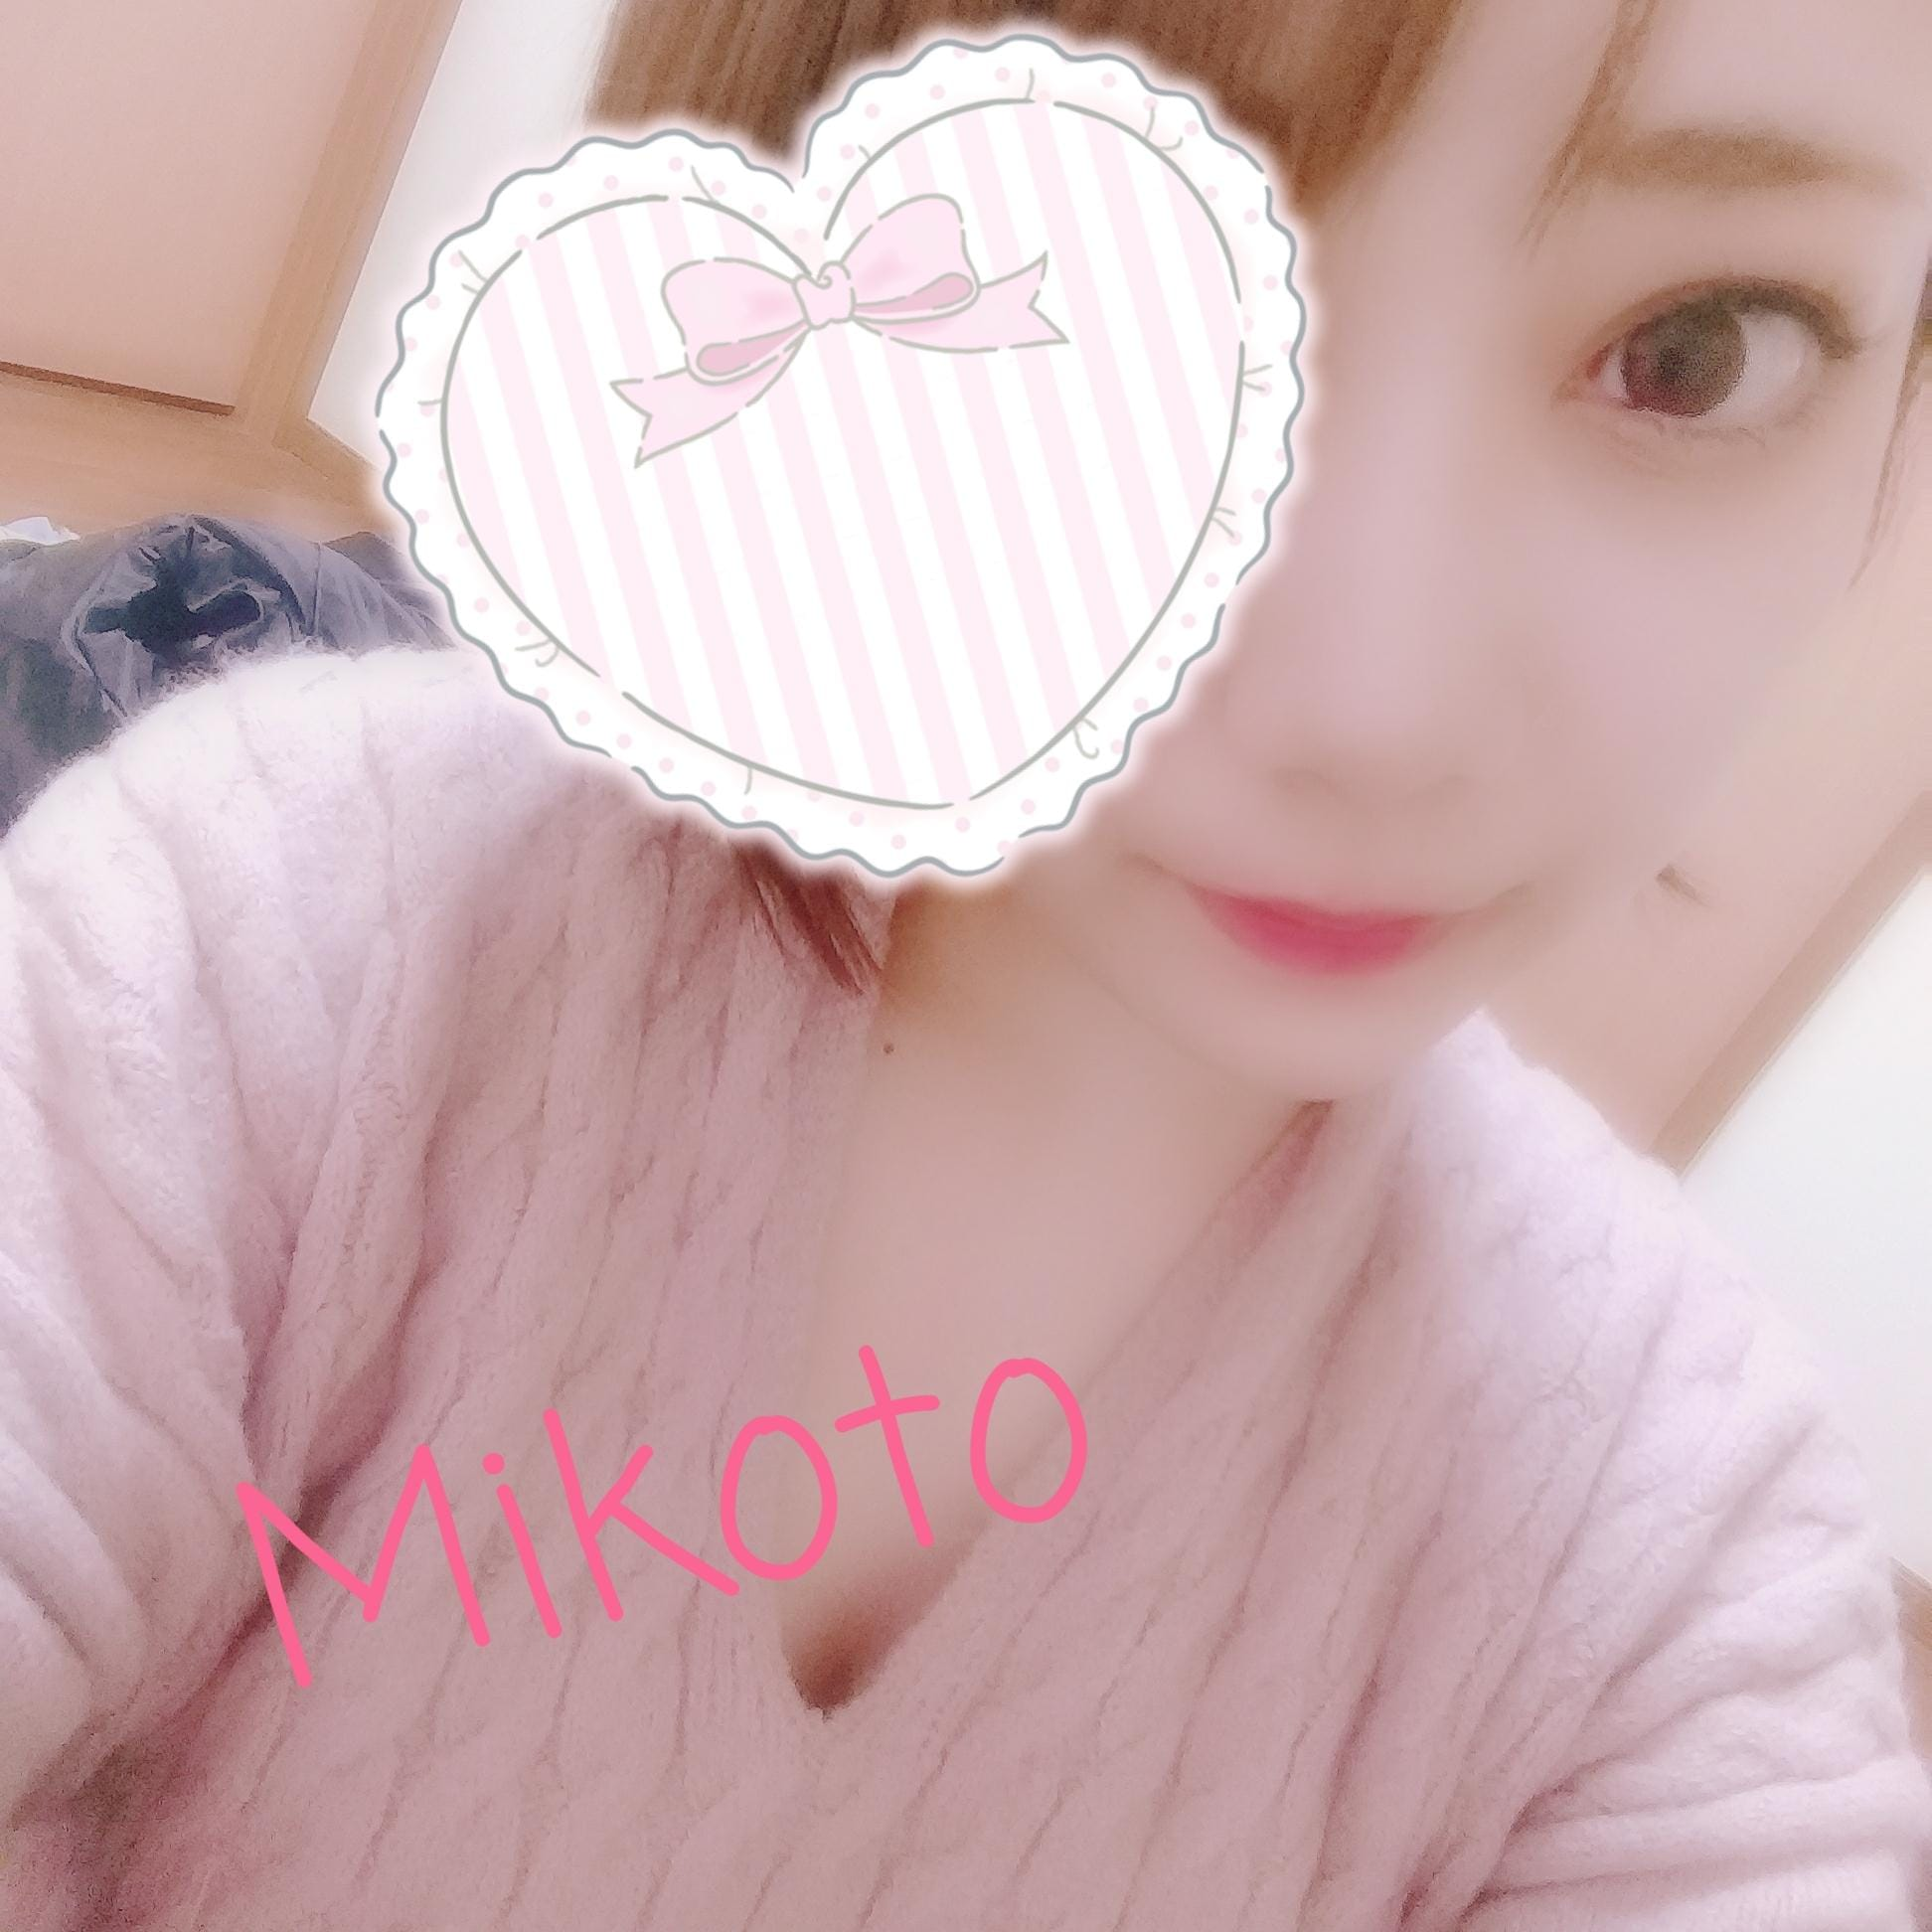 「ありがとう♡」11/21(水) 03:56 | ミコトの写メ・風俗動画